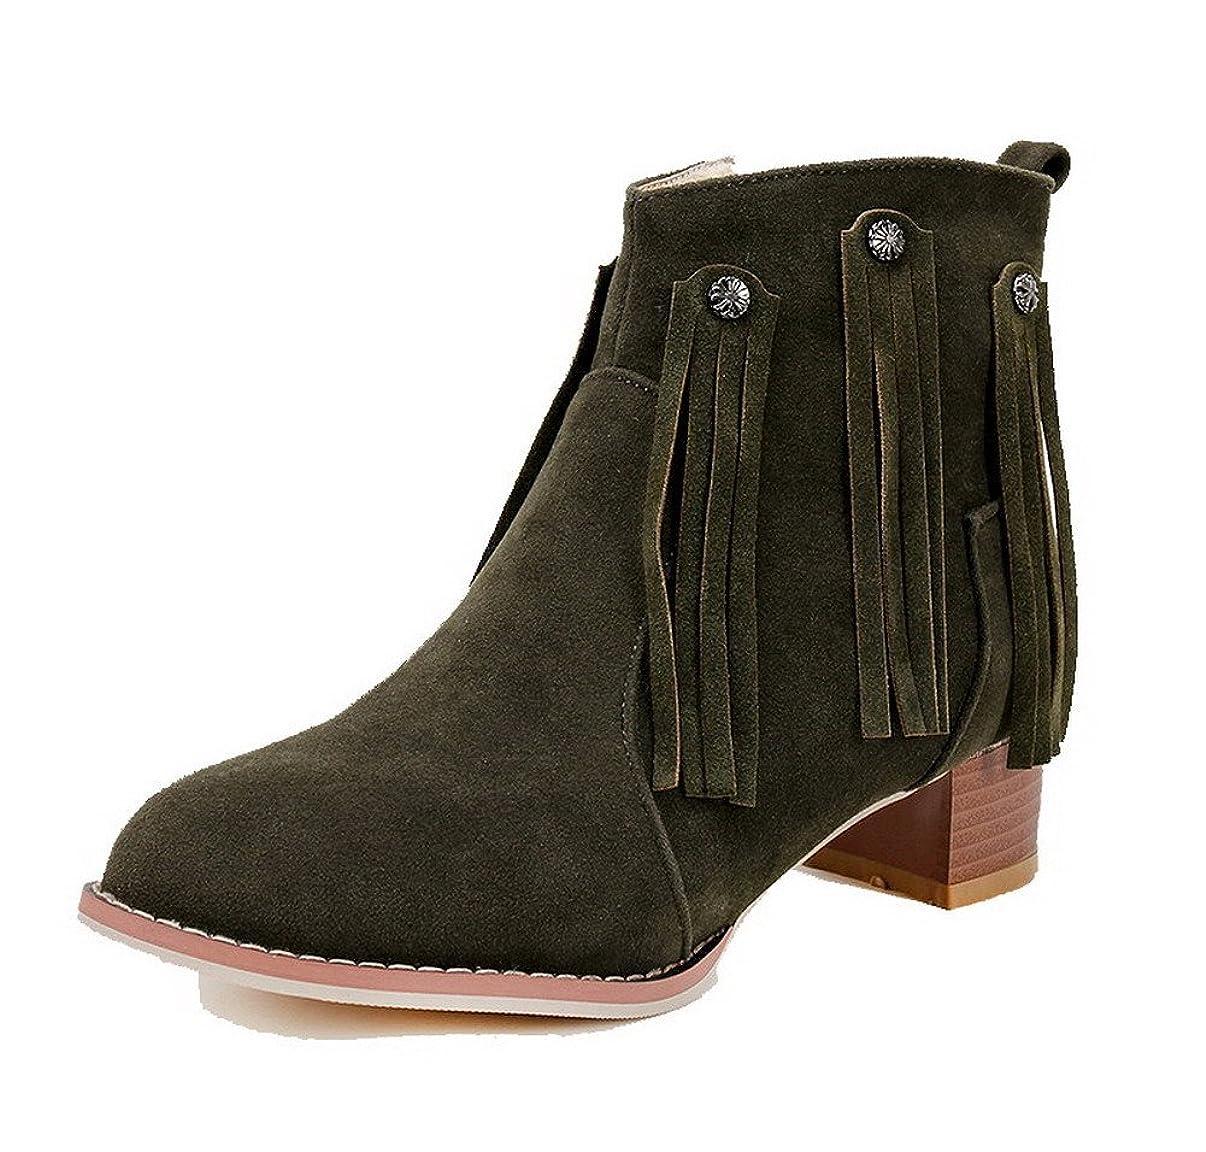 ミシン処分した震え(ウンファッション) WeenFashion レディース PUの皮 純色 ジッパー ラウンドトゥ ローヒール ブーツ